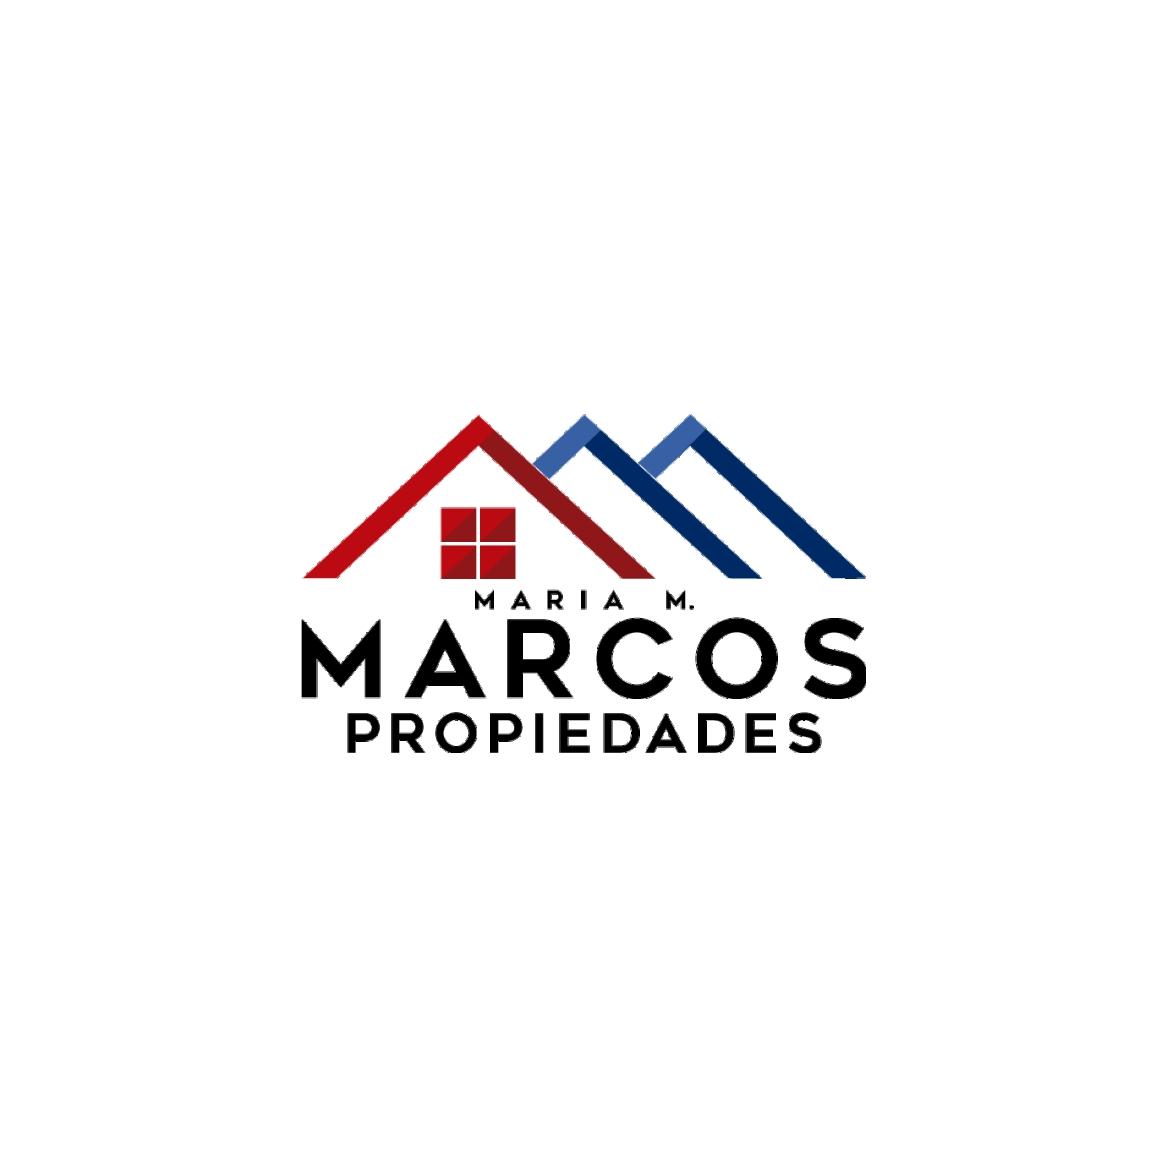 MARIA MARCOS PROPIEDADES